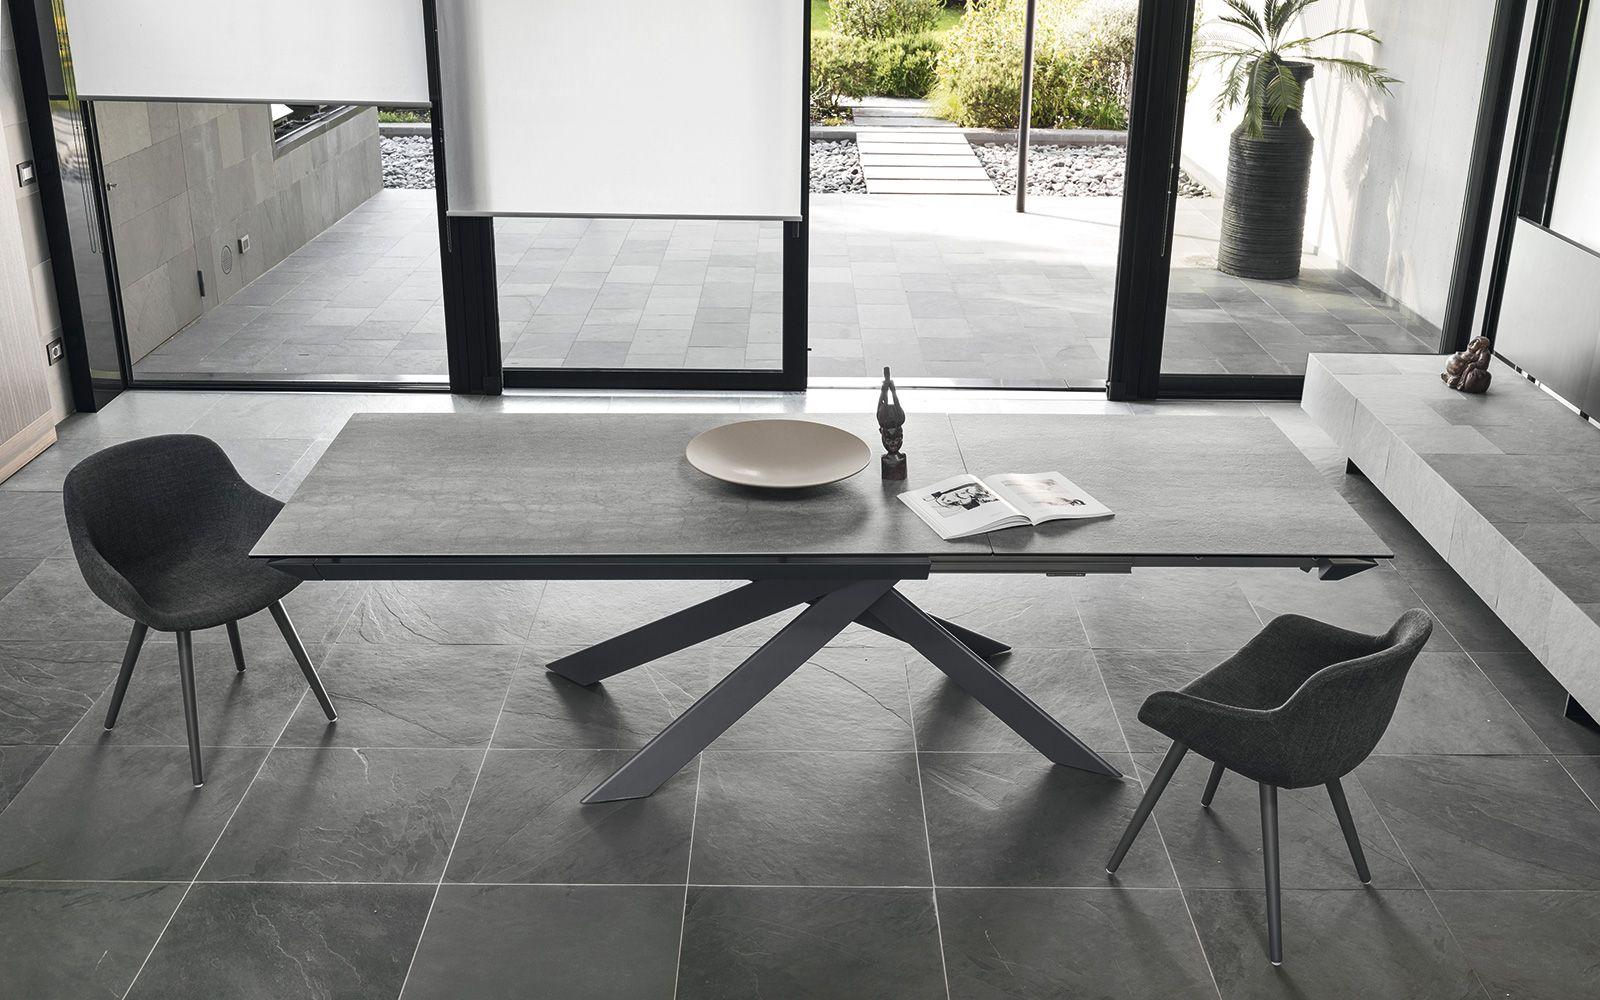 Tavolo calligaris eclisse ceramica vetro tavoli da for Tavoli soggiorno cristallo allungabili